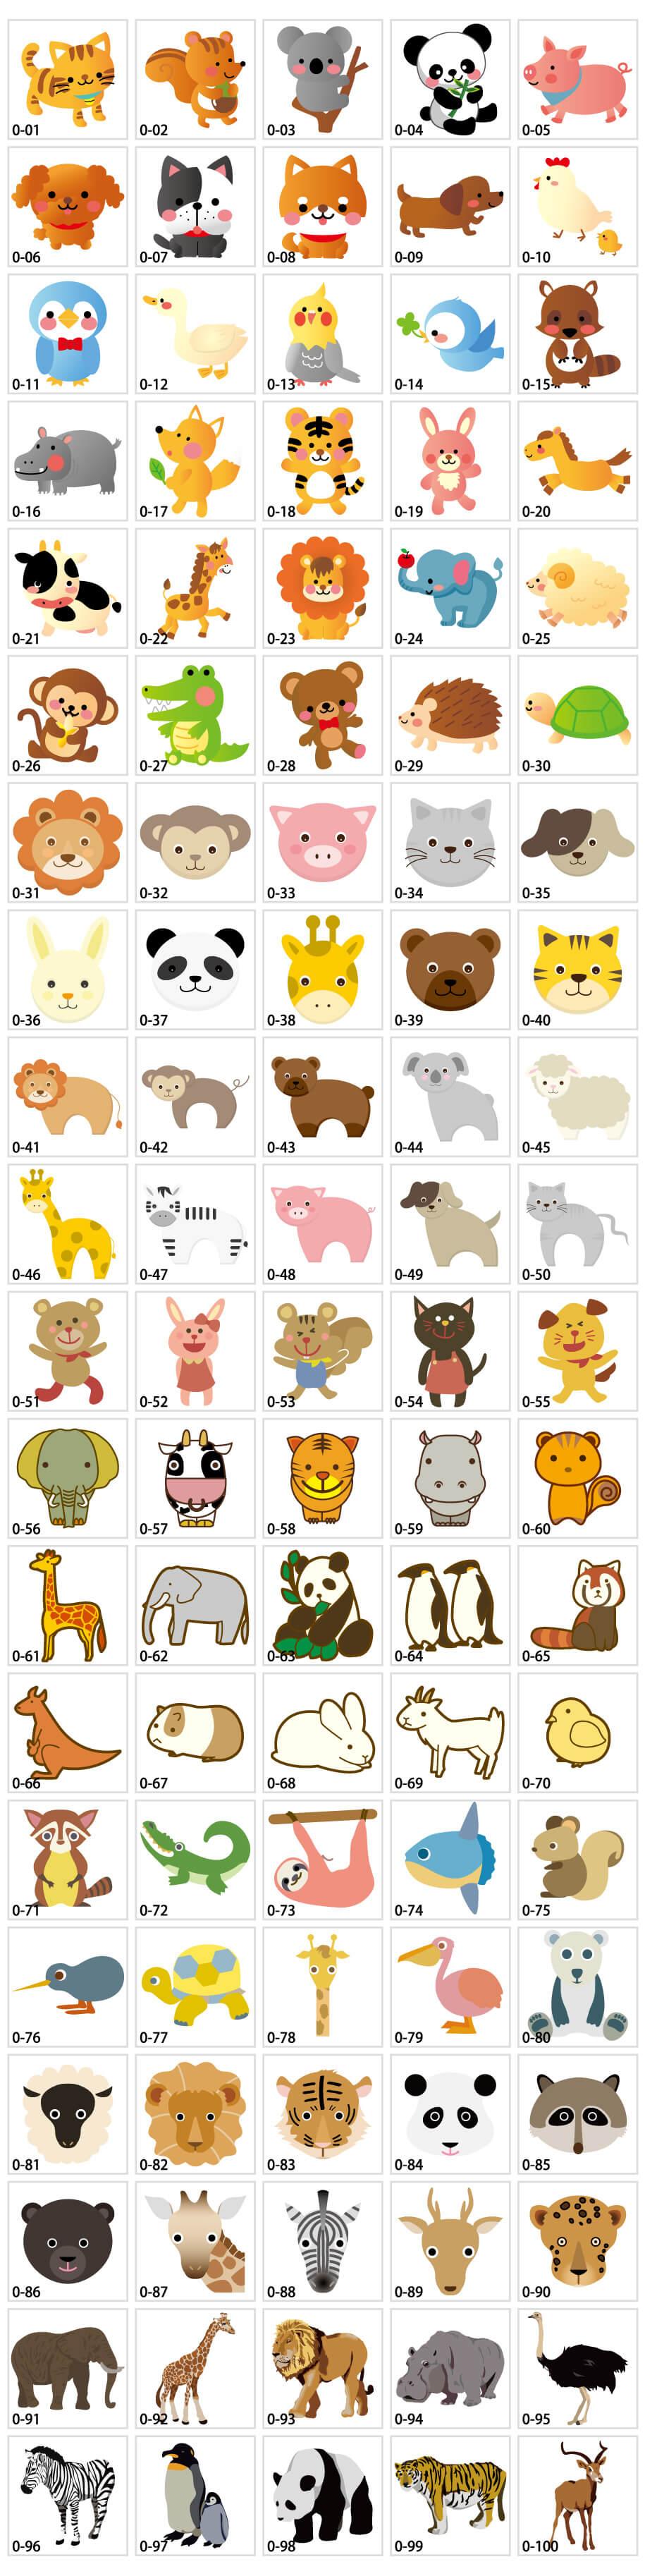 動物のイラスト素材100点が無料(商用可) - freebie ac 無料素材サイト情報